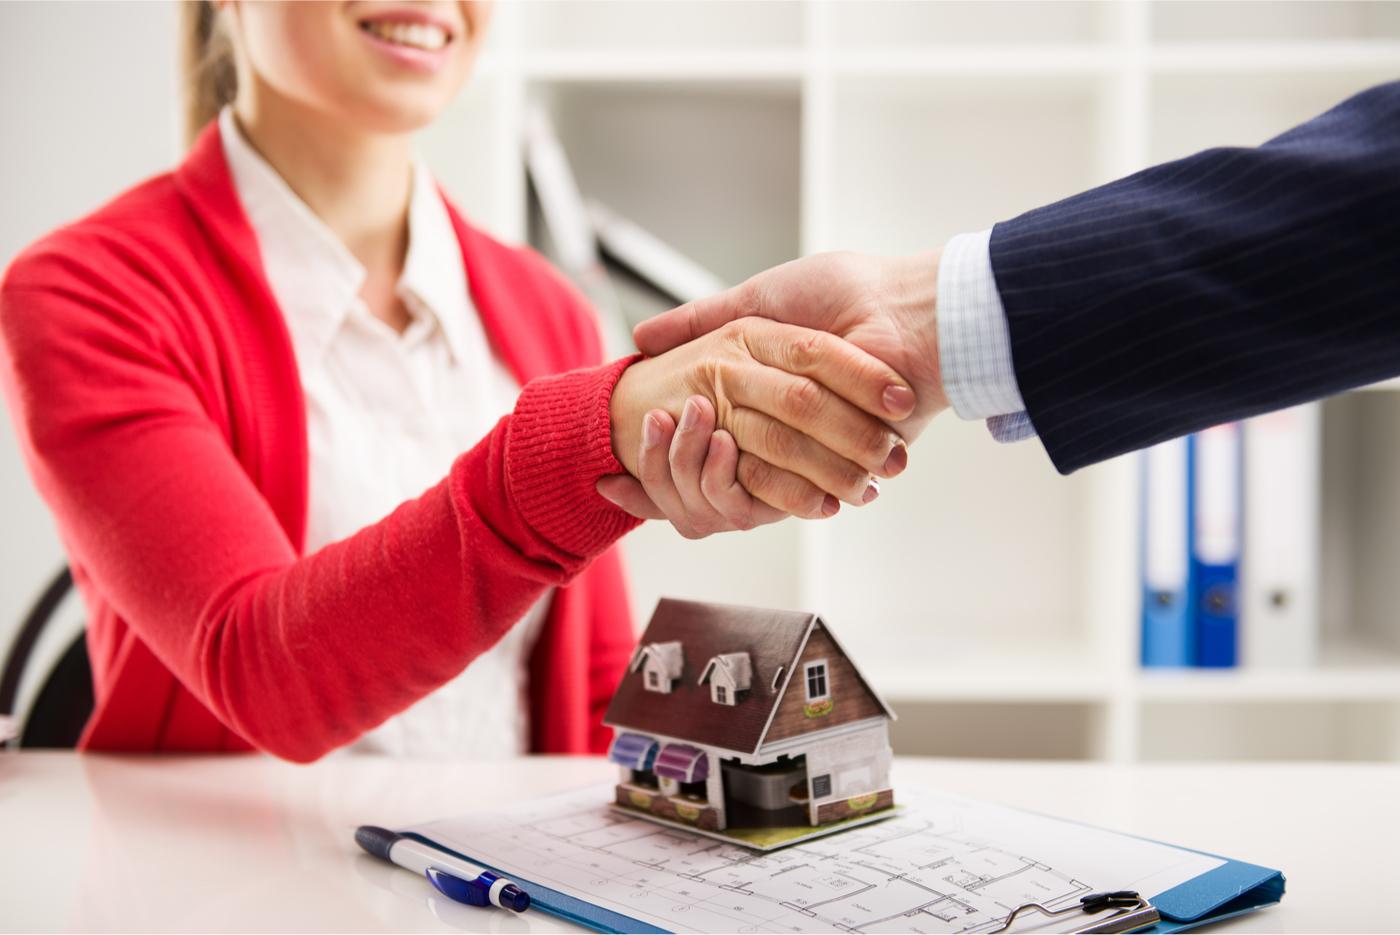 Asegura tu casa: algunas opciones para viviendas rentadas o propias